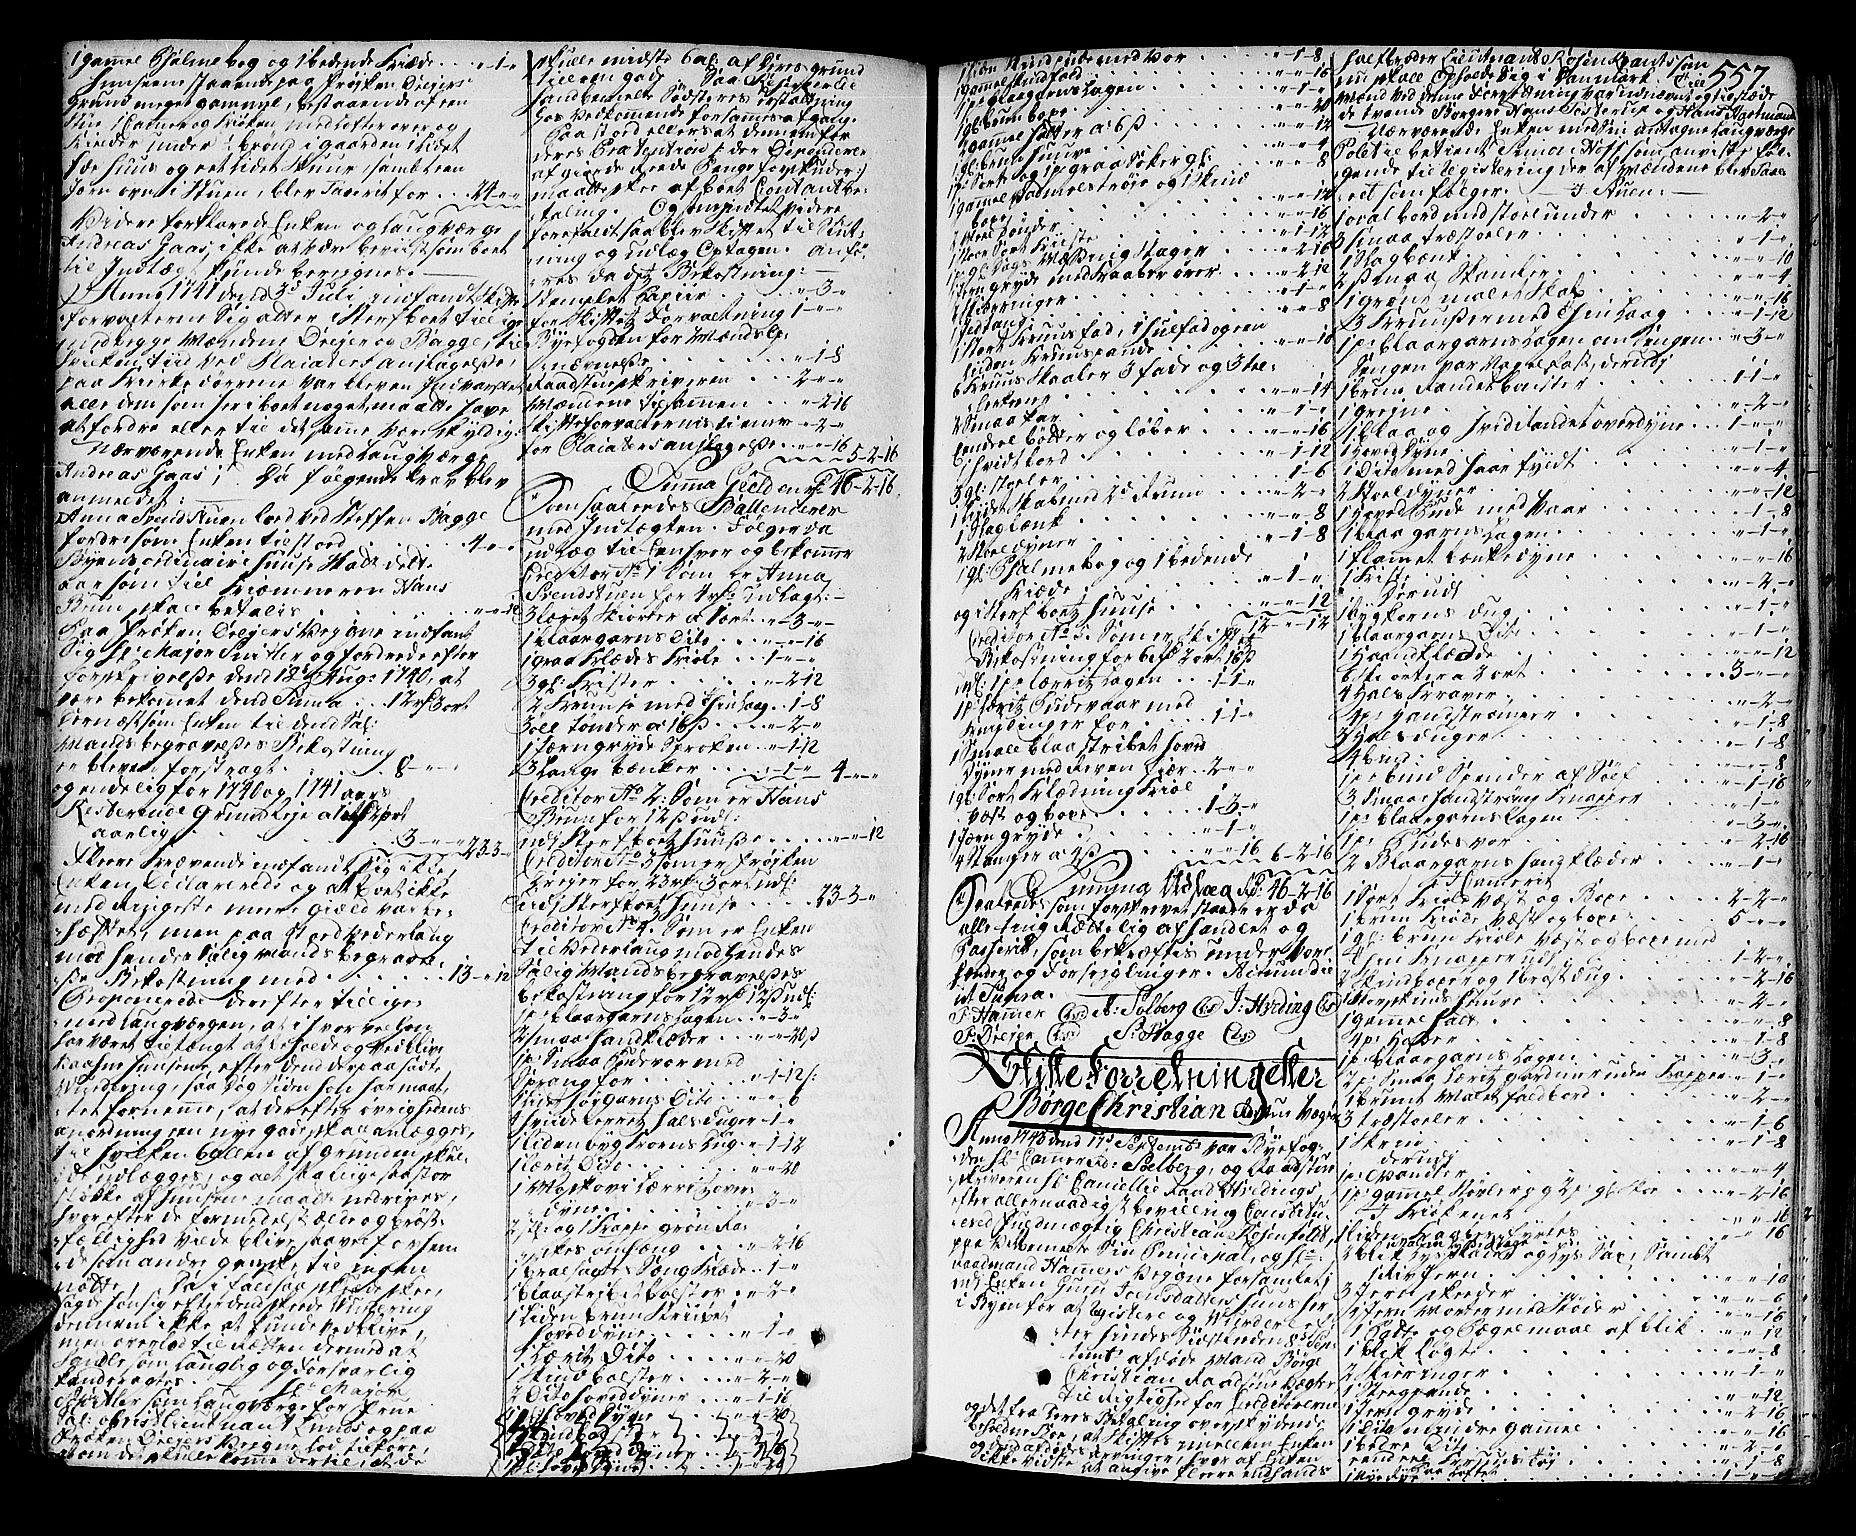 SAT, Trondheim byfogd, 3/3A/L0015: Skifteprotokoll - gml.nr.13b. (m/ register), 1739-1747, s. 556b-557a